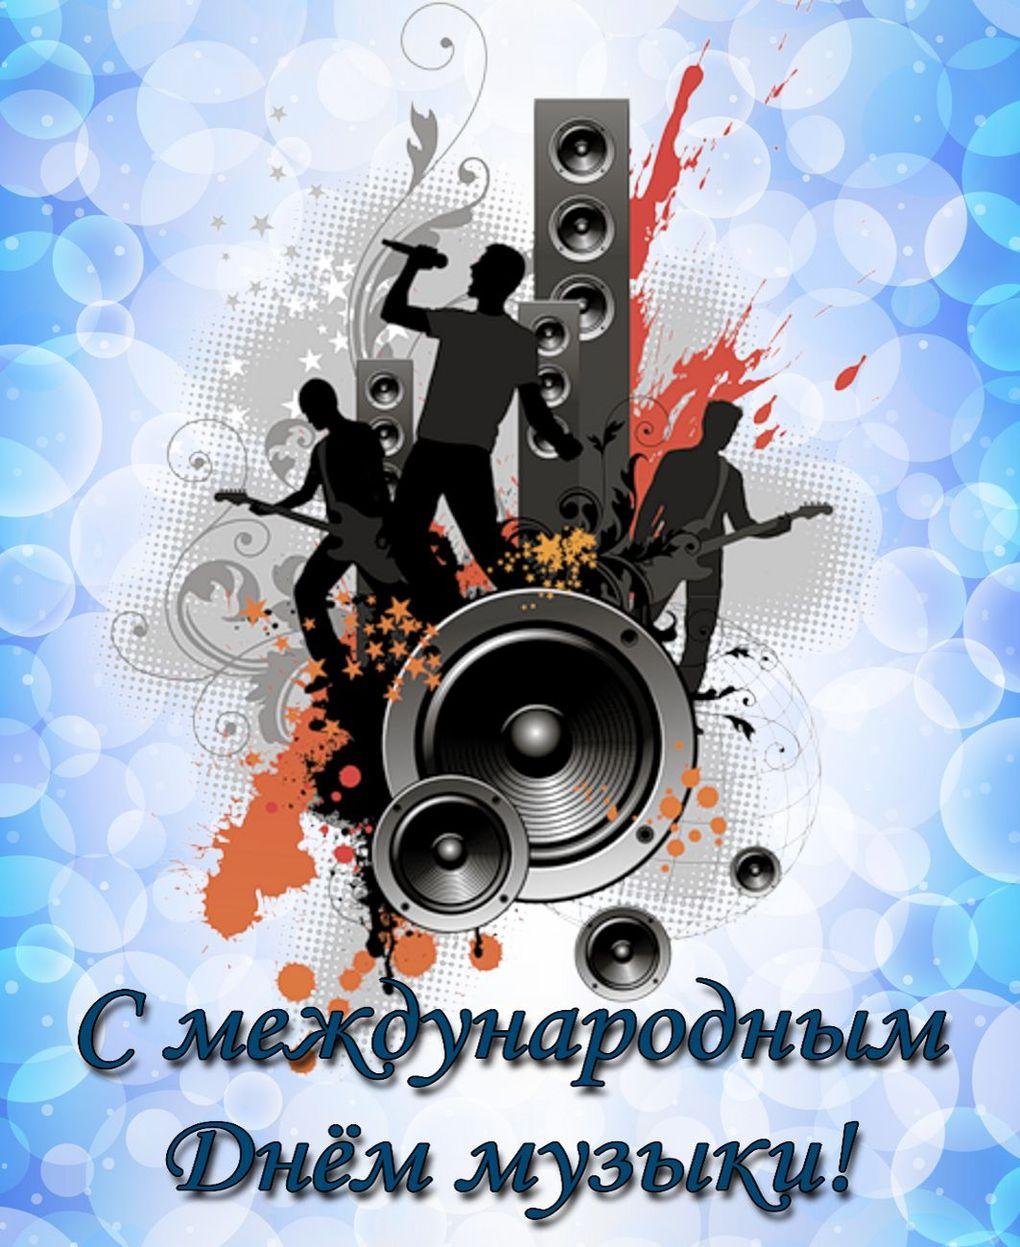 Картинки к дню музыки